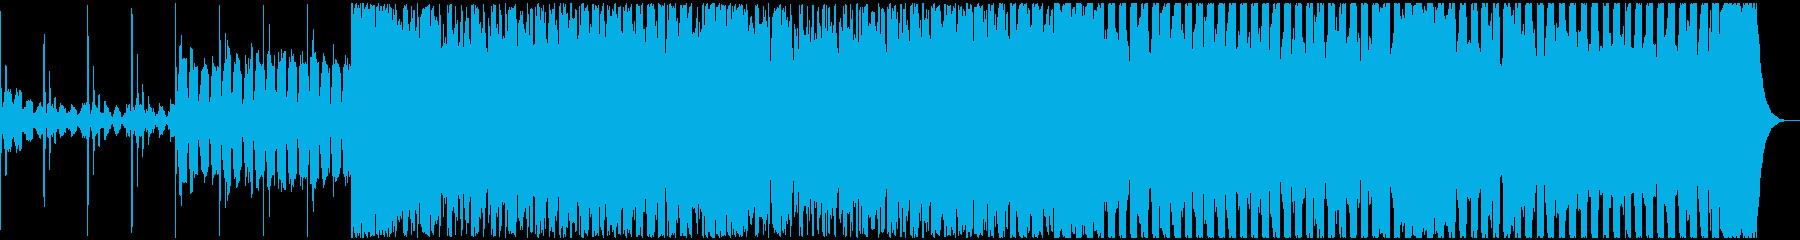 【フューチャーベース】ロング2の再生済みの波形